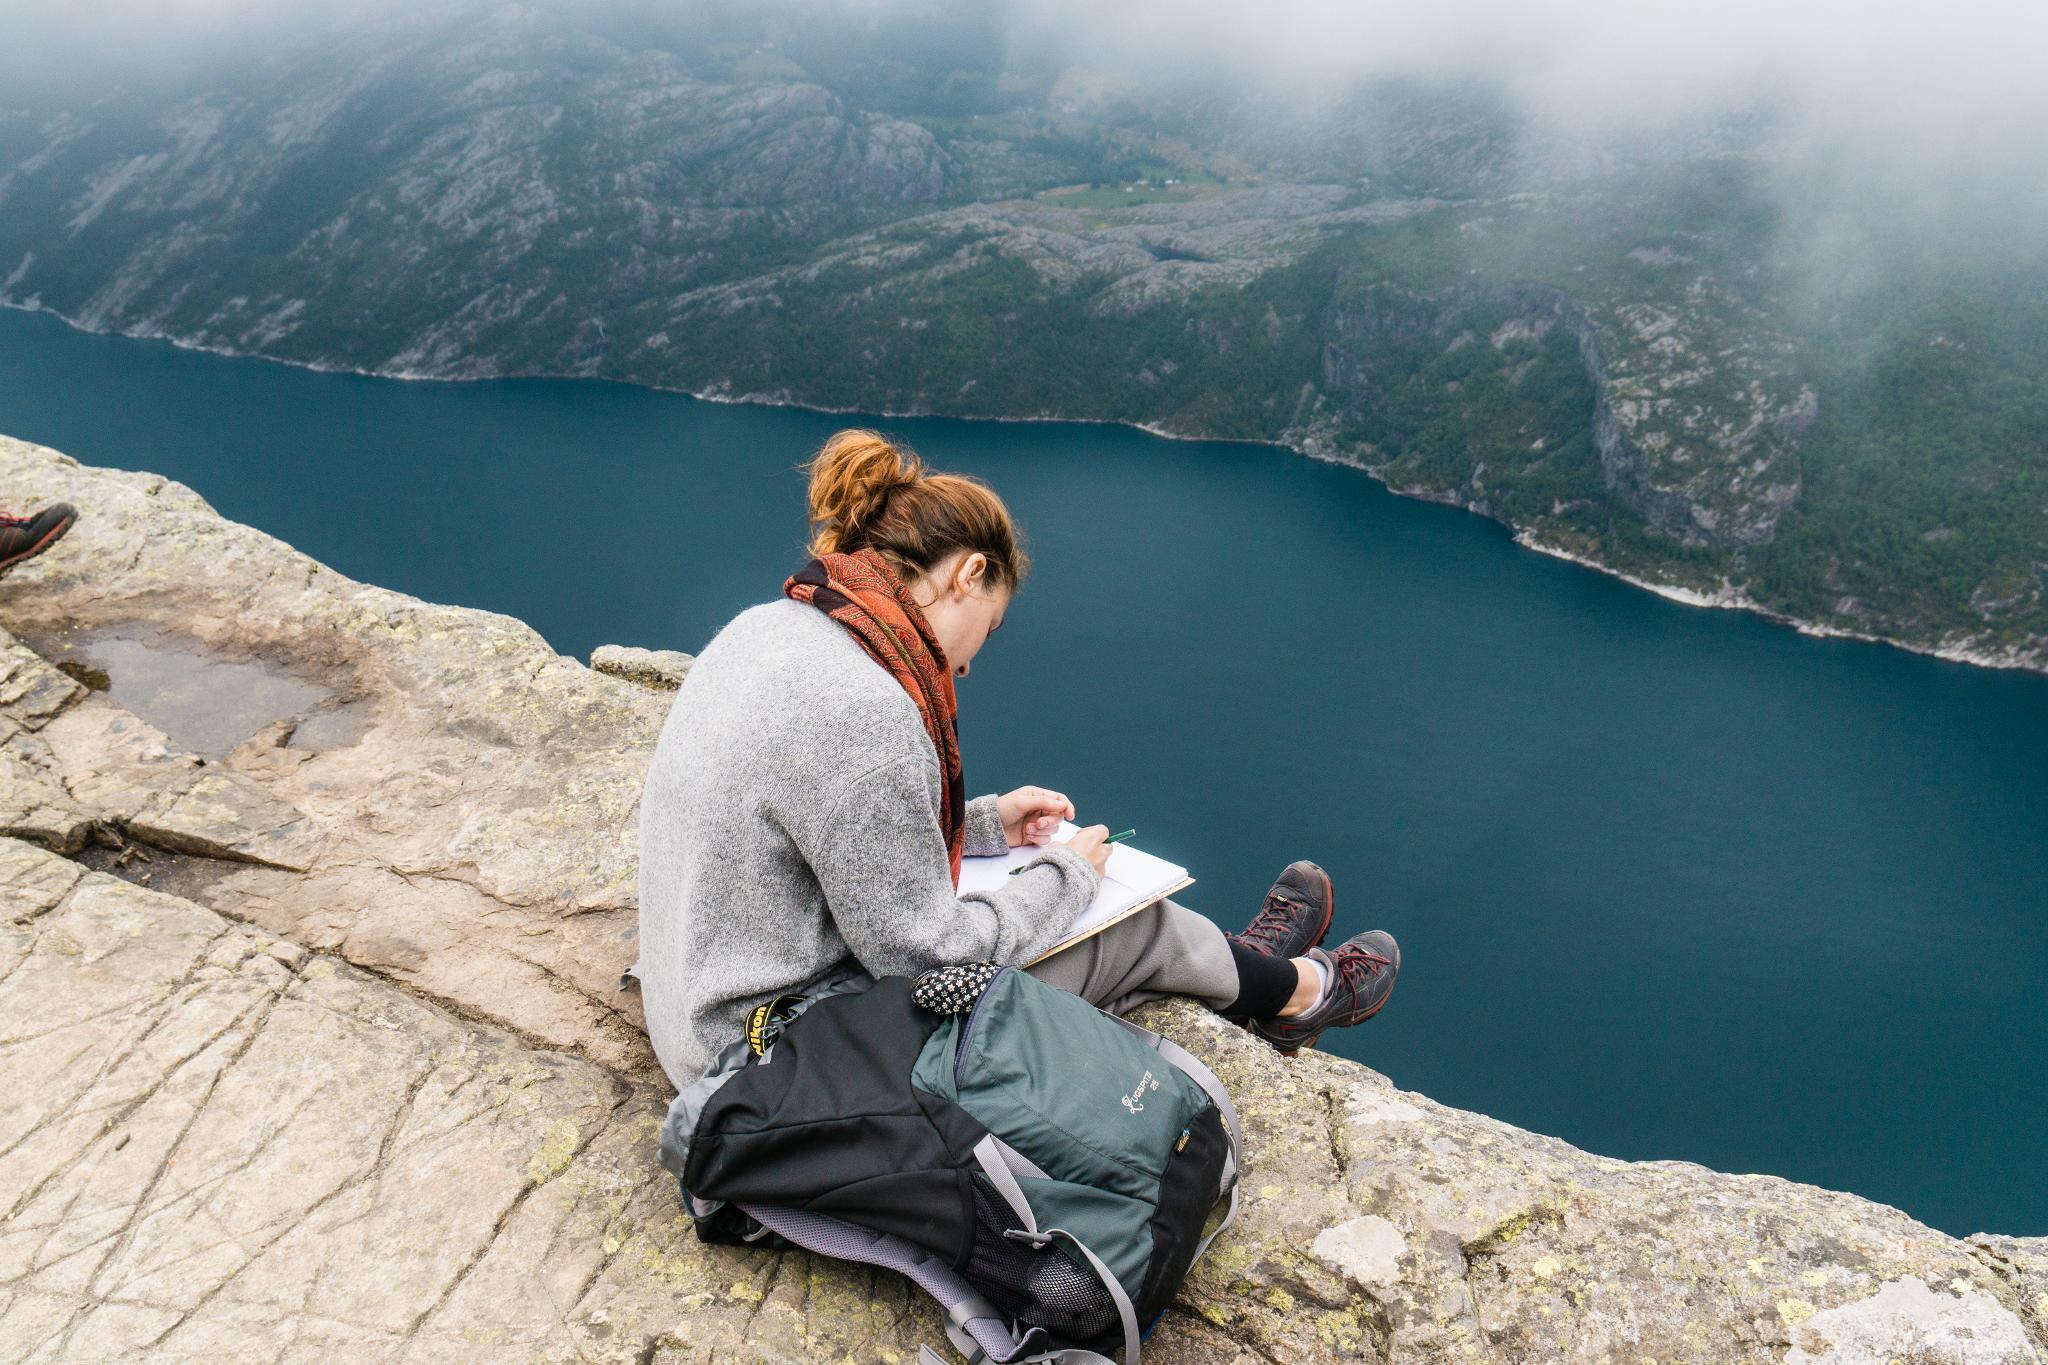 【北歐景點】朝聖挪威三大奇岩:聖壇岩Preikestolen健行紀錄 19